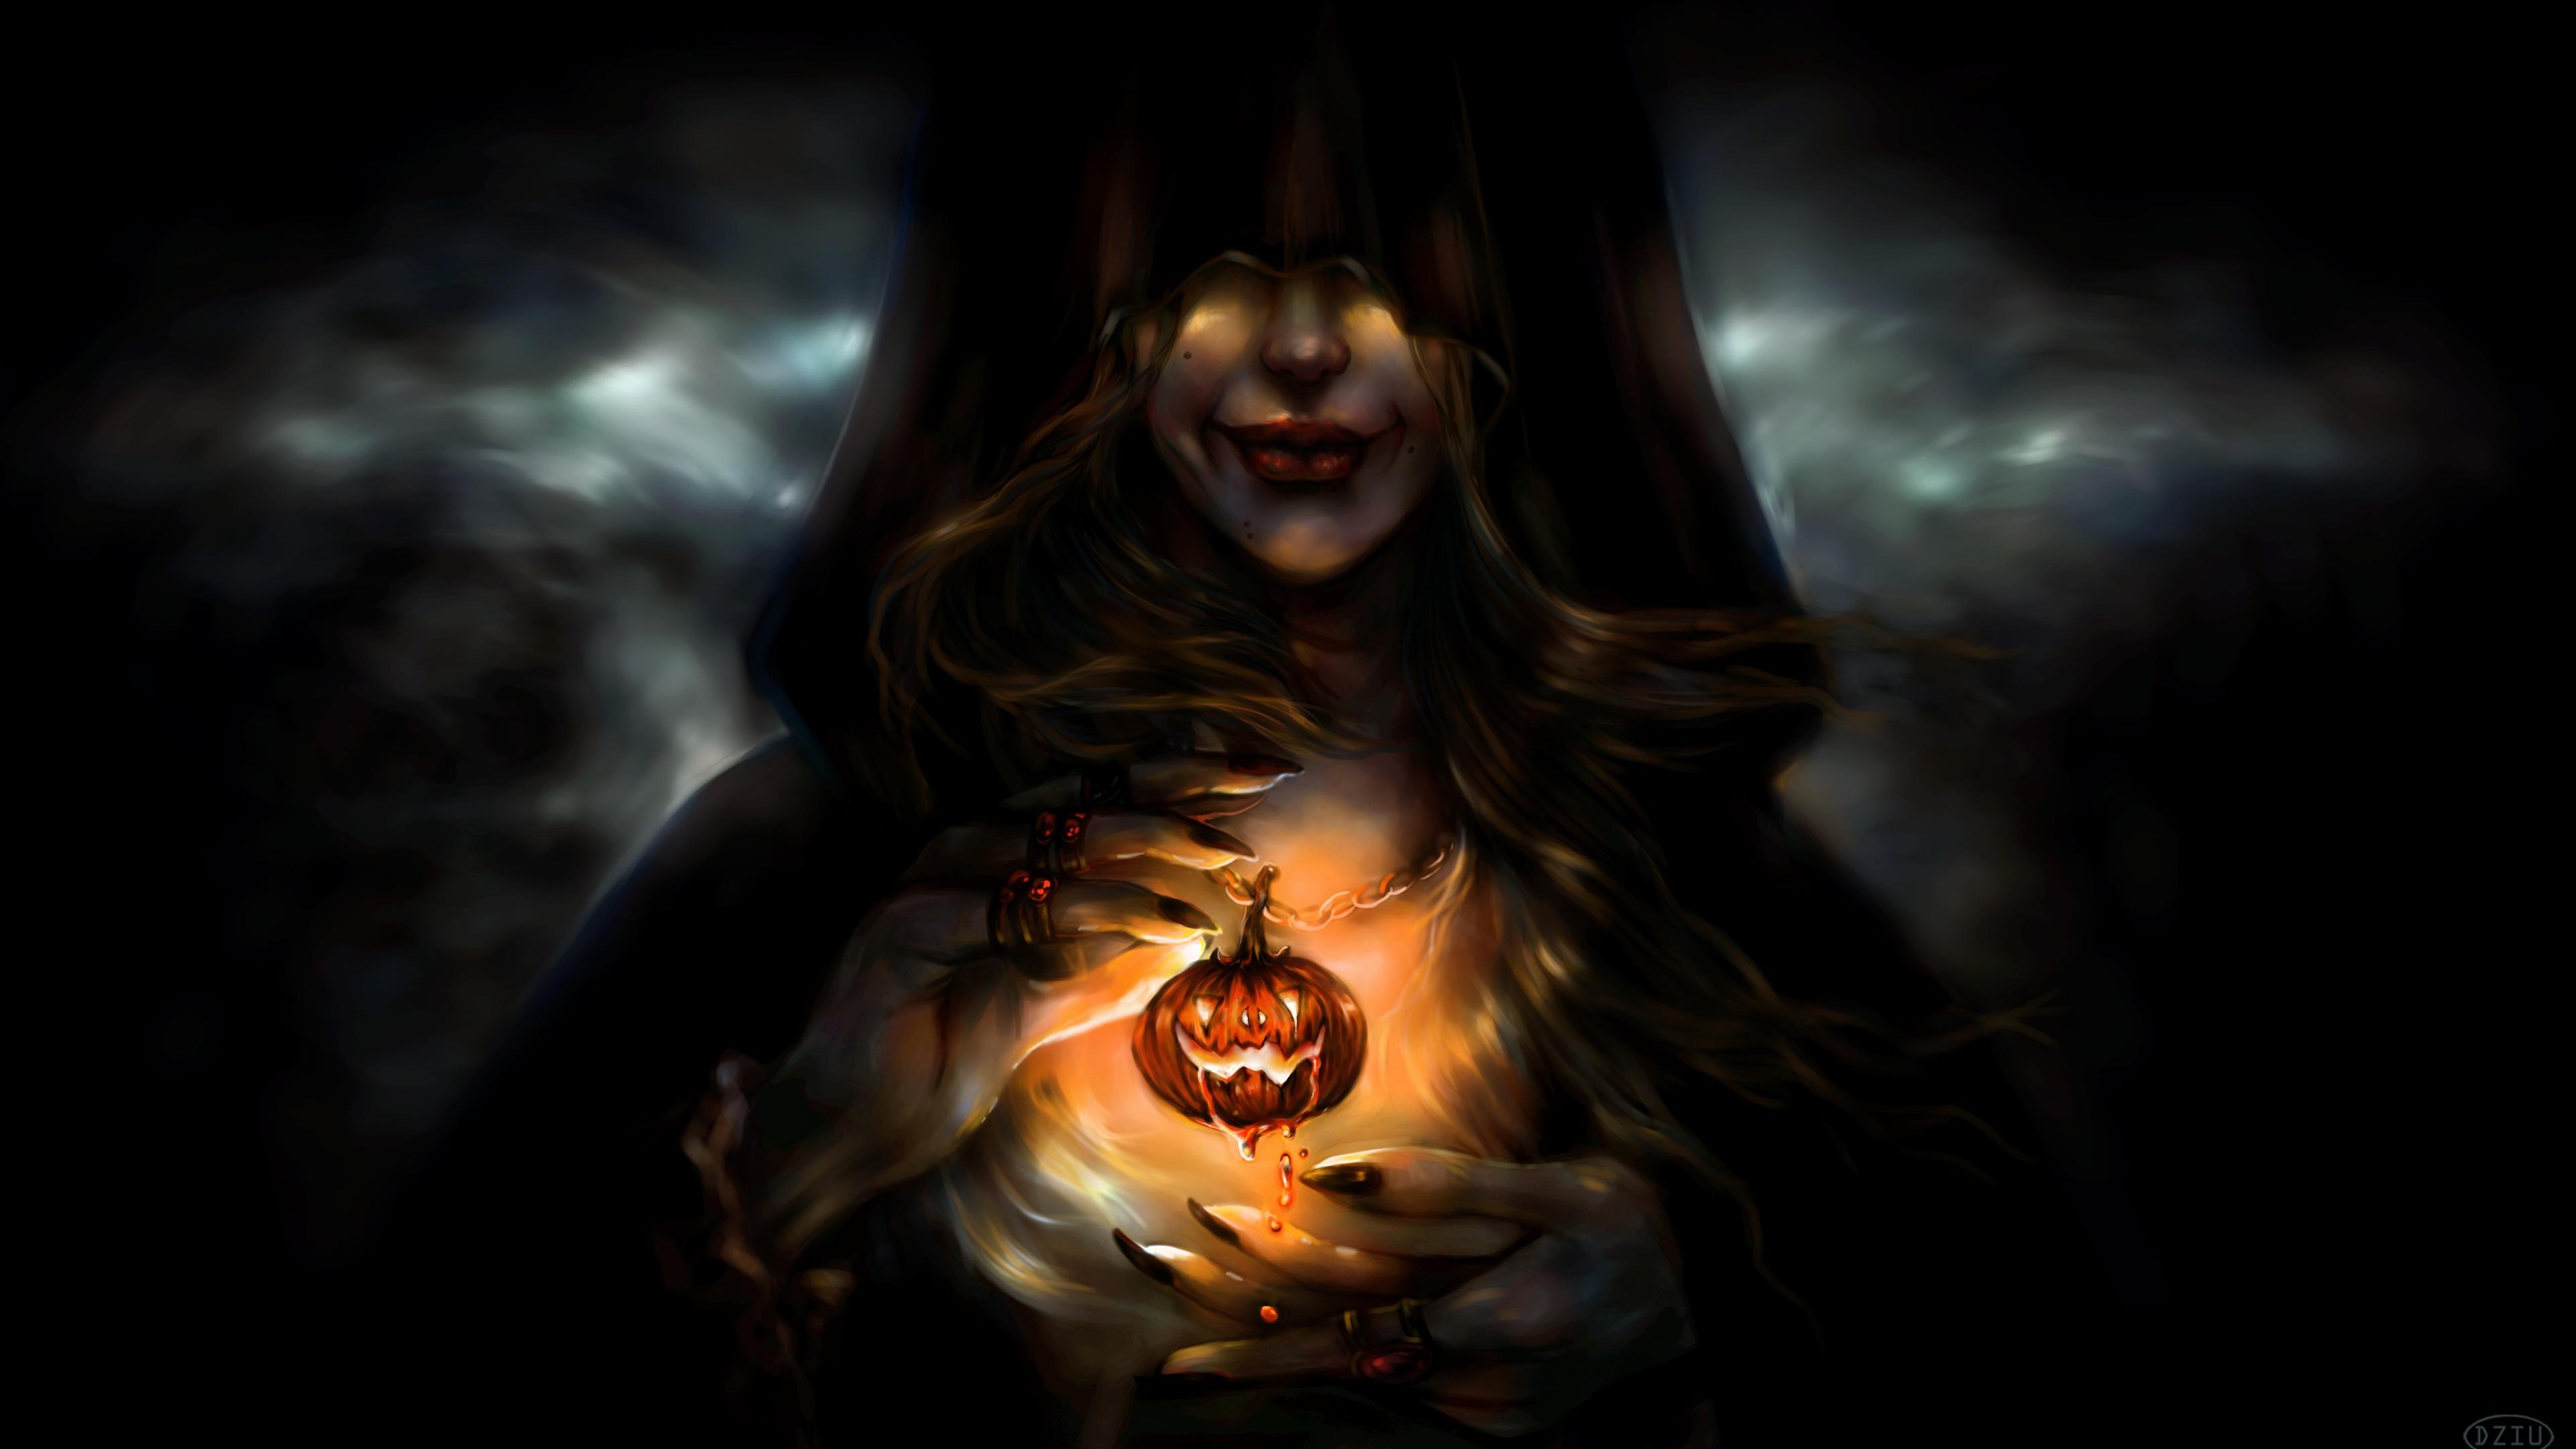 https://s1.1zoom.ru/b5050/789/Pumpkin_Halloween_Magic_503887_3840x2160.jpg